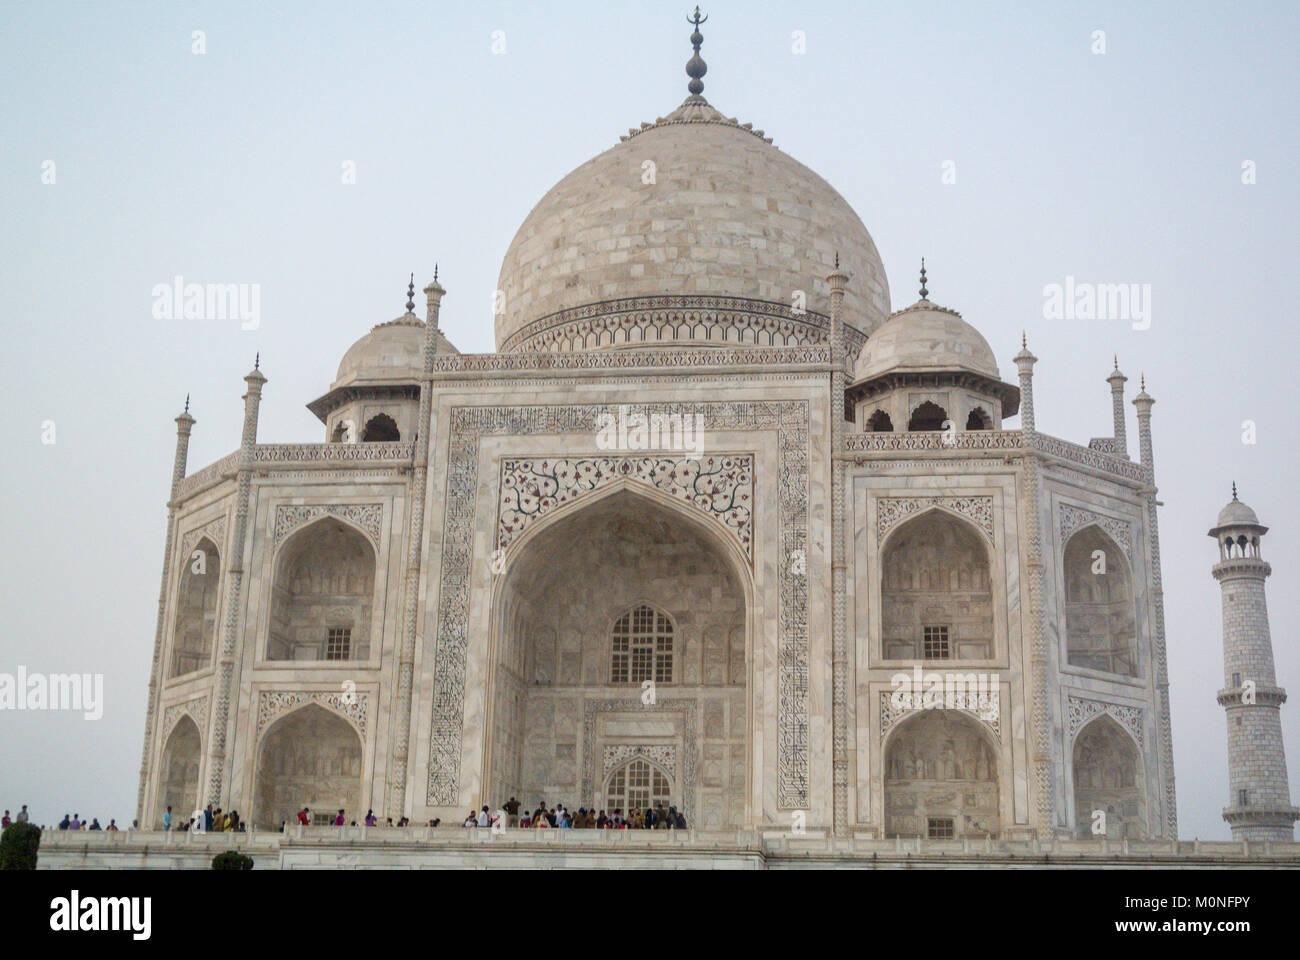 Agra, India, Indiana i turisti in visita a Taj Mahal Immagini Stock